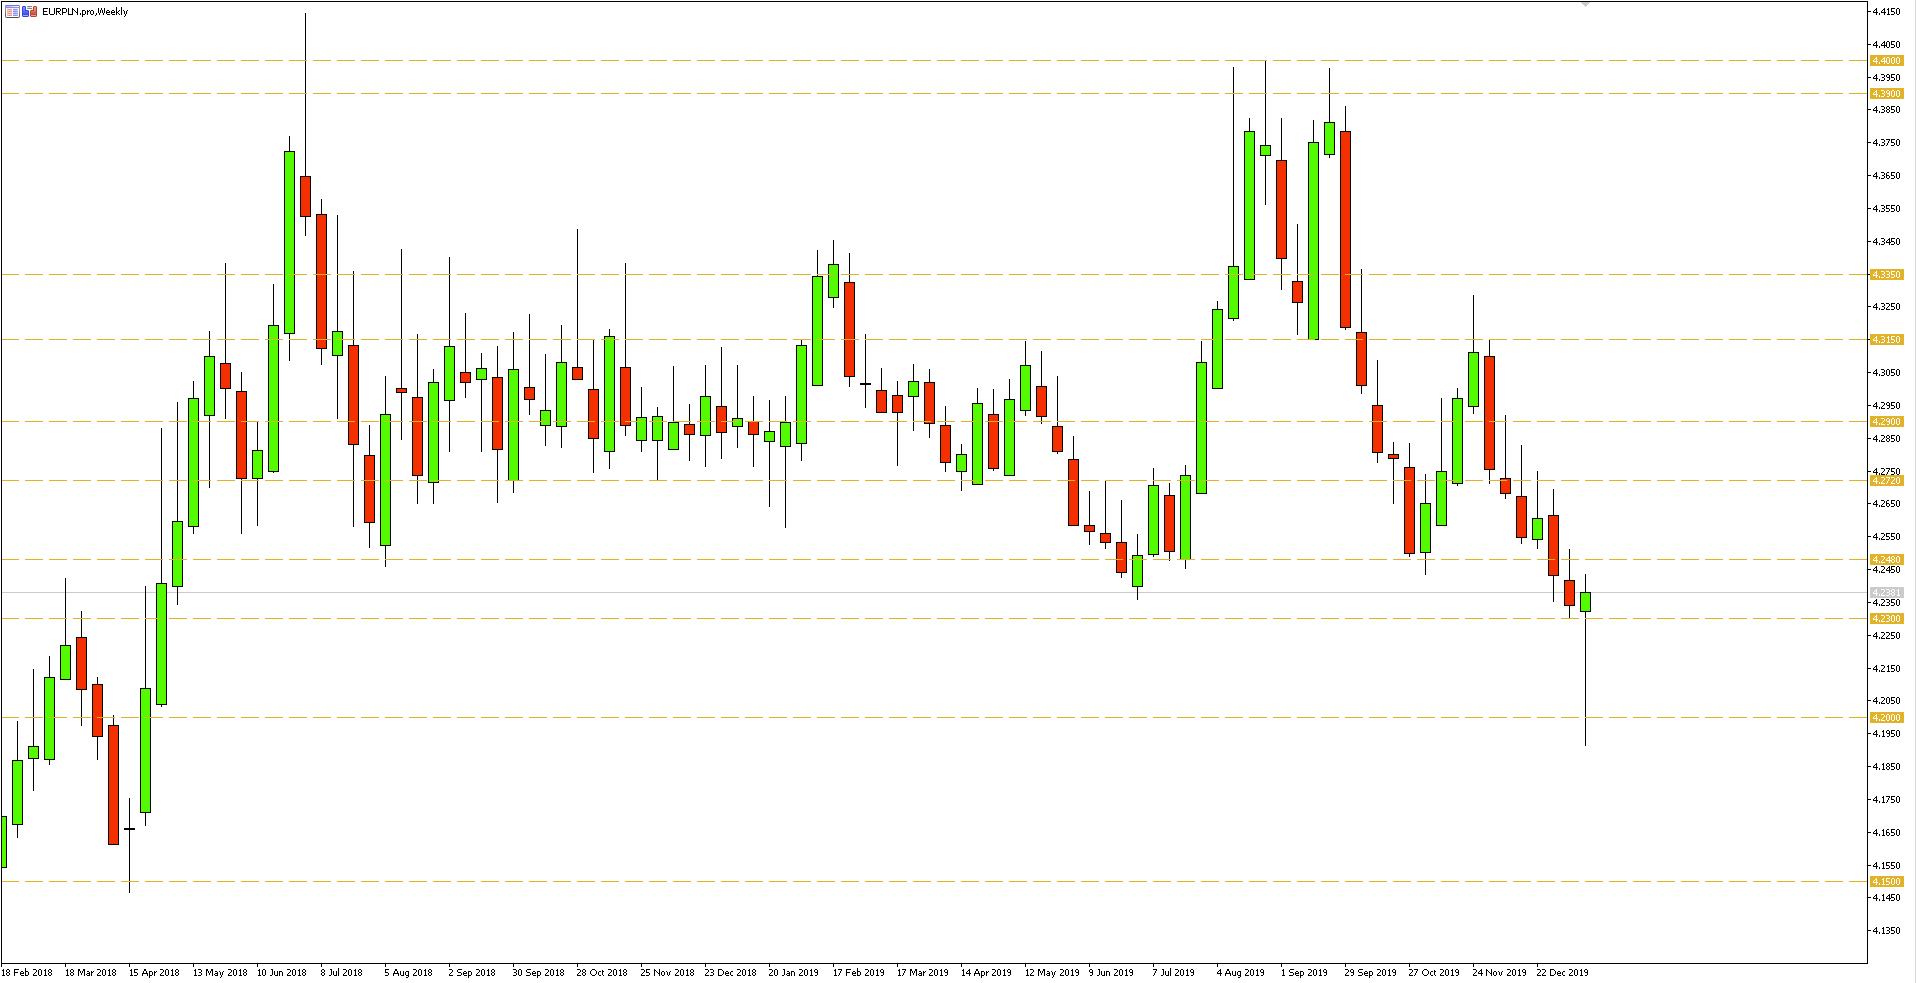 Wykres tygodniowy pary walutowej EURPLN - 18.01.2020 r.